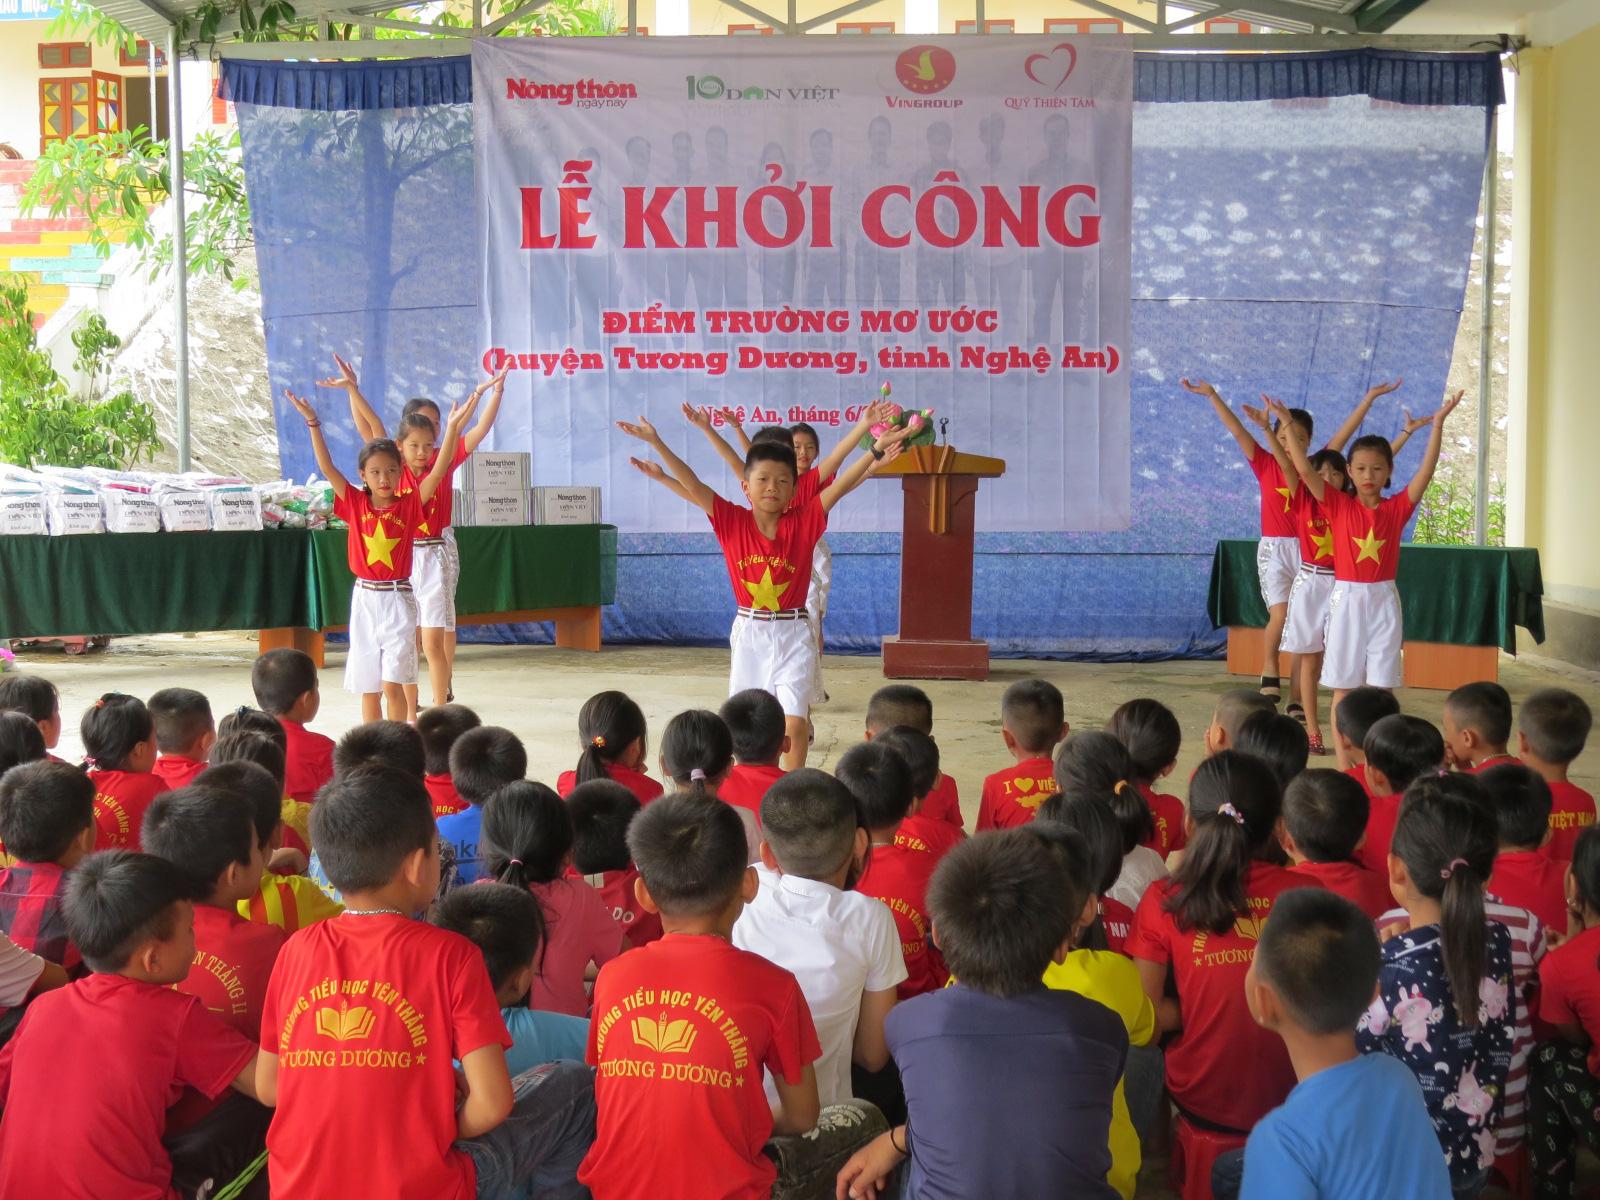 Báo NTNN/Báo Điện tử Dân Việt khởi công điểm trường mơ ước ở Nghệ An  - Ảnh 1.